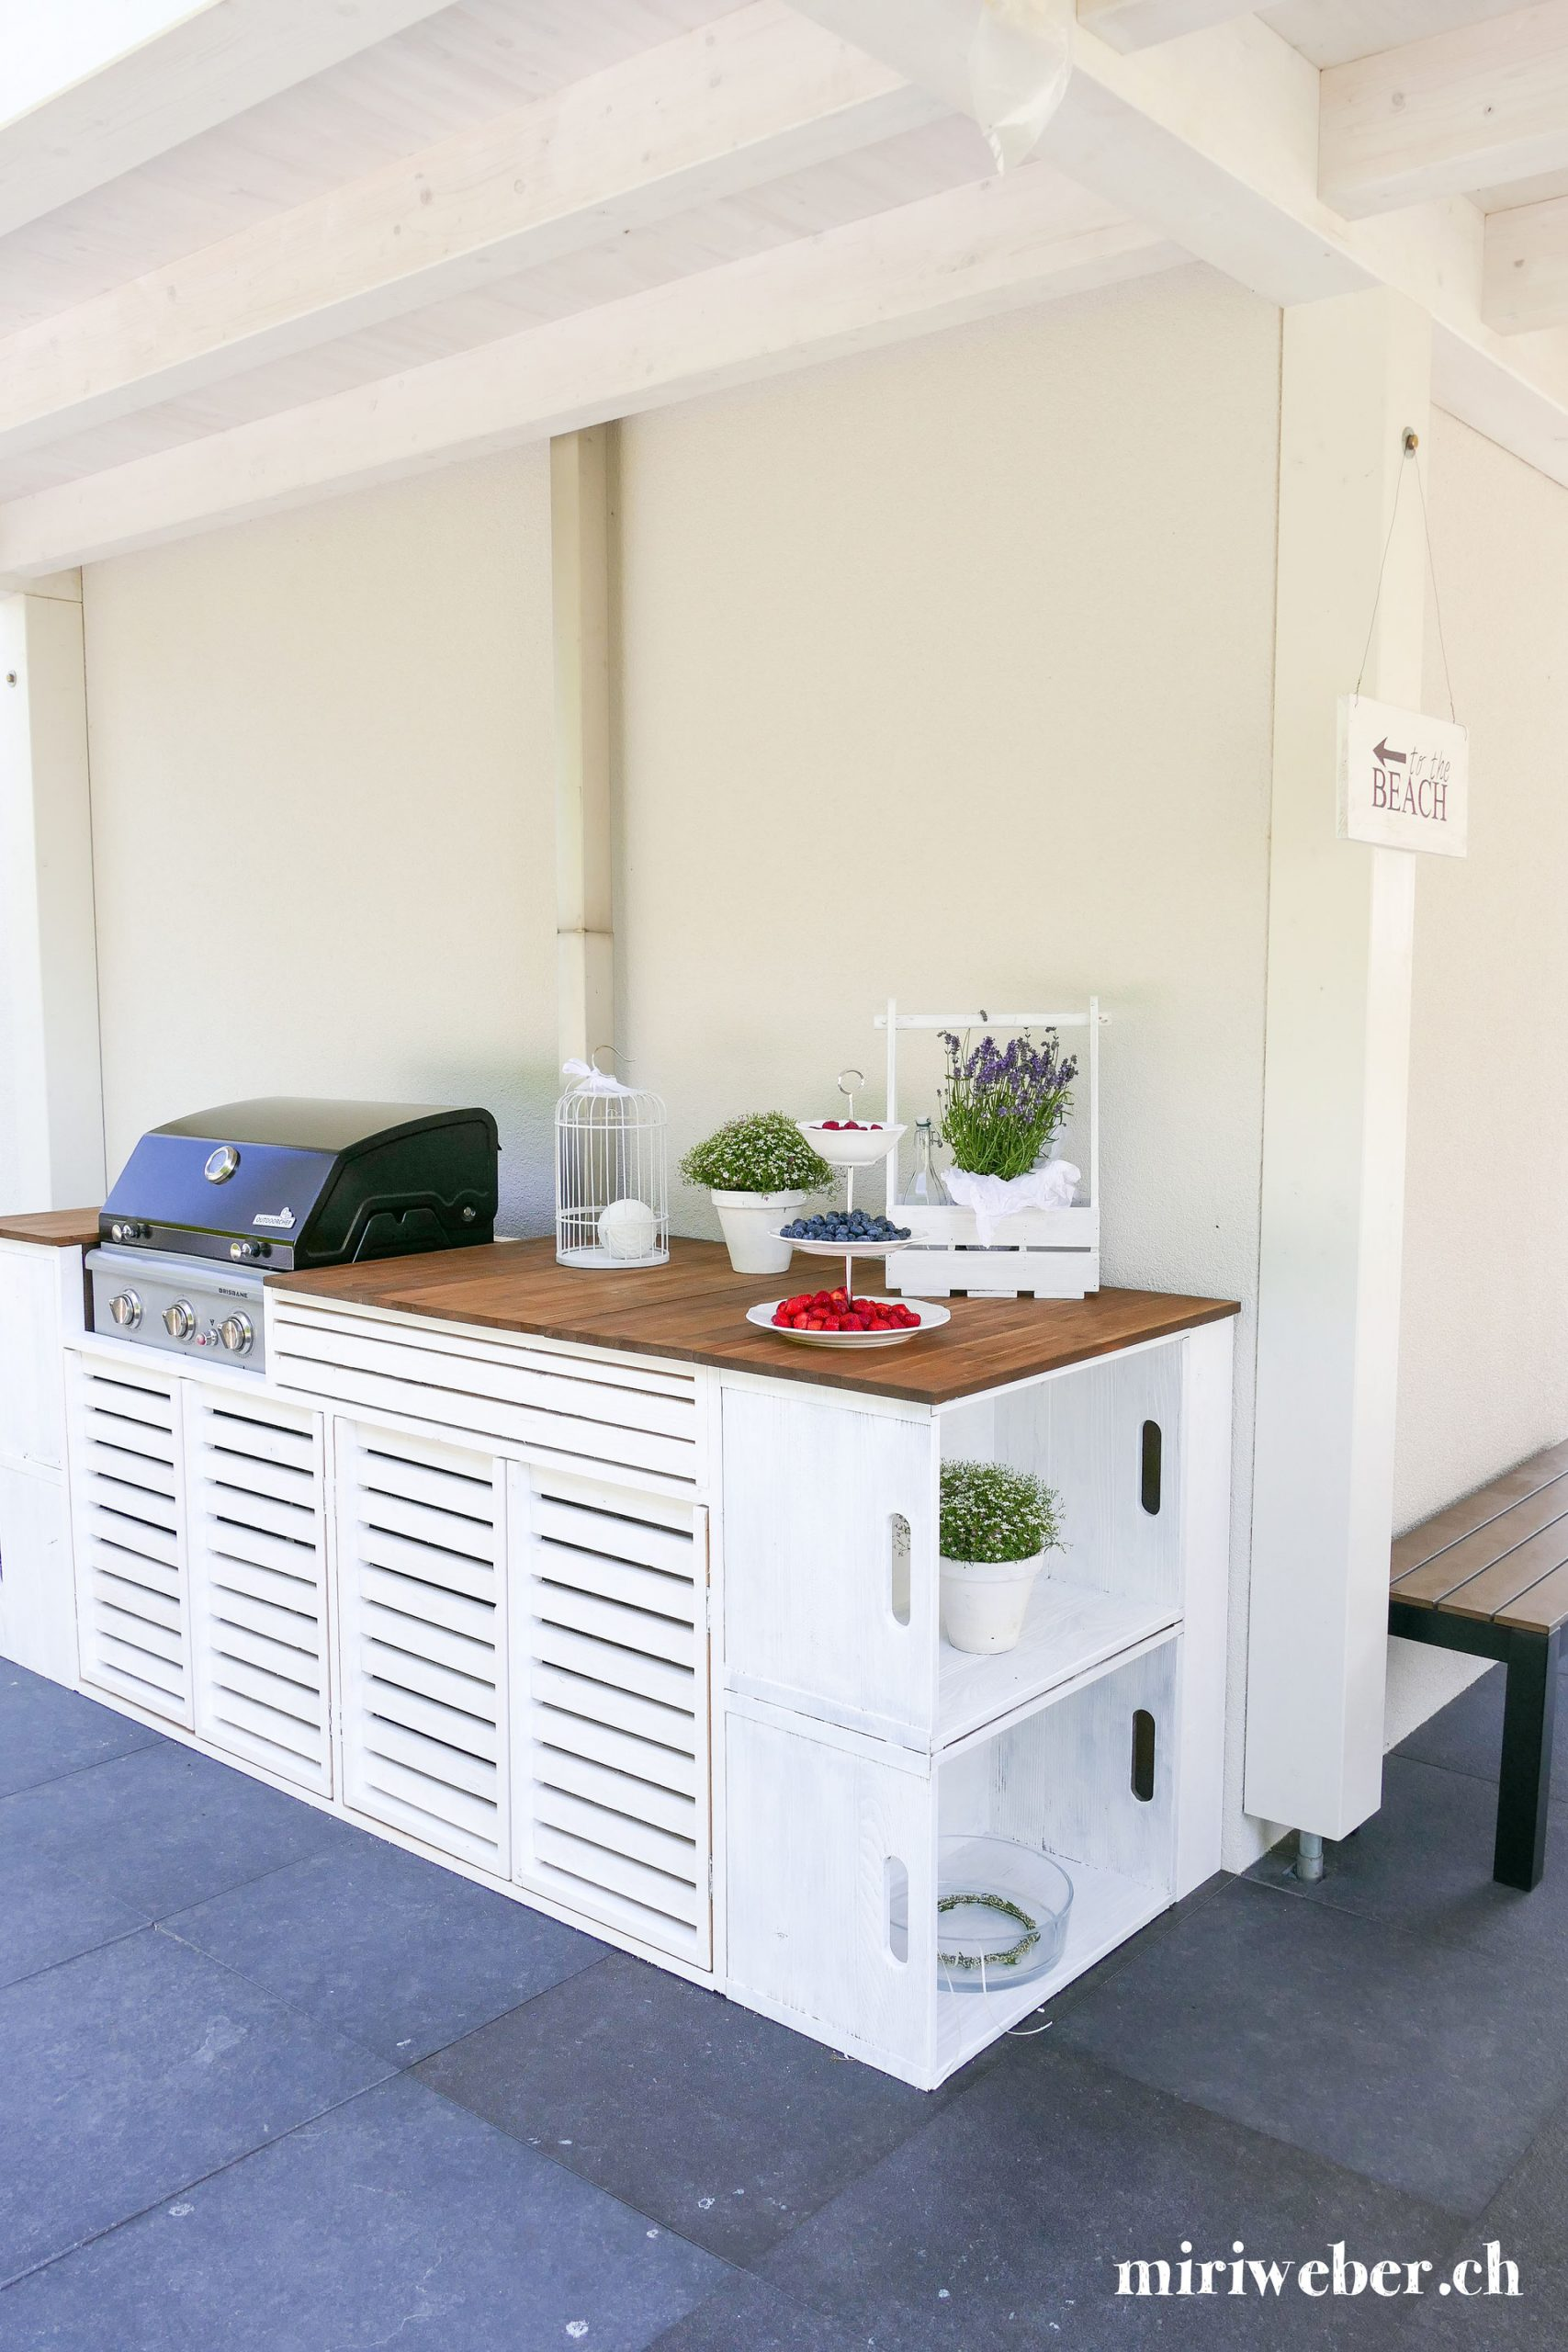 Full Size of Outdoor Kche Miriweberch Kreativ Diy Food Familien Nolte Küche Beistelltisch Miniküche Mit Kühlschrank Tresen Einzelschränke Günstig Elektrogeräten Mini Wohnzimmer Küche Selbst Bauen